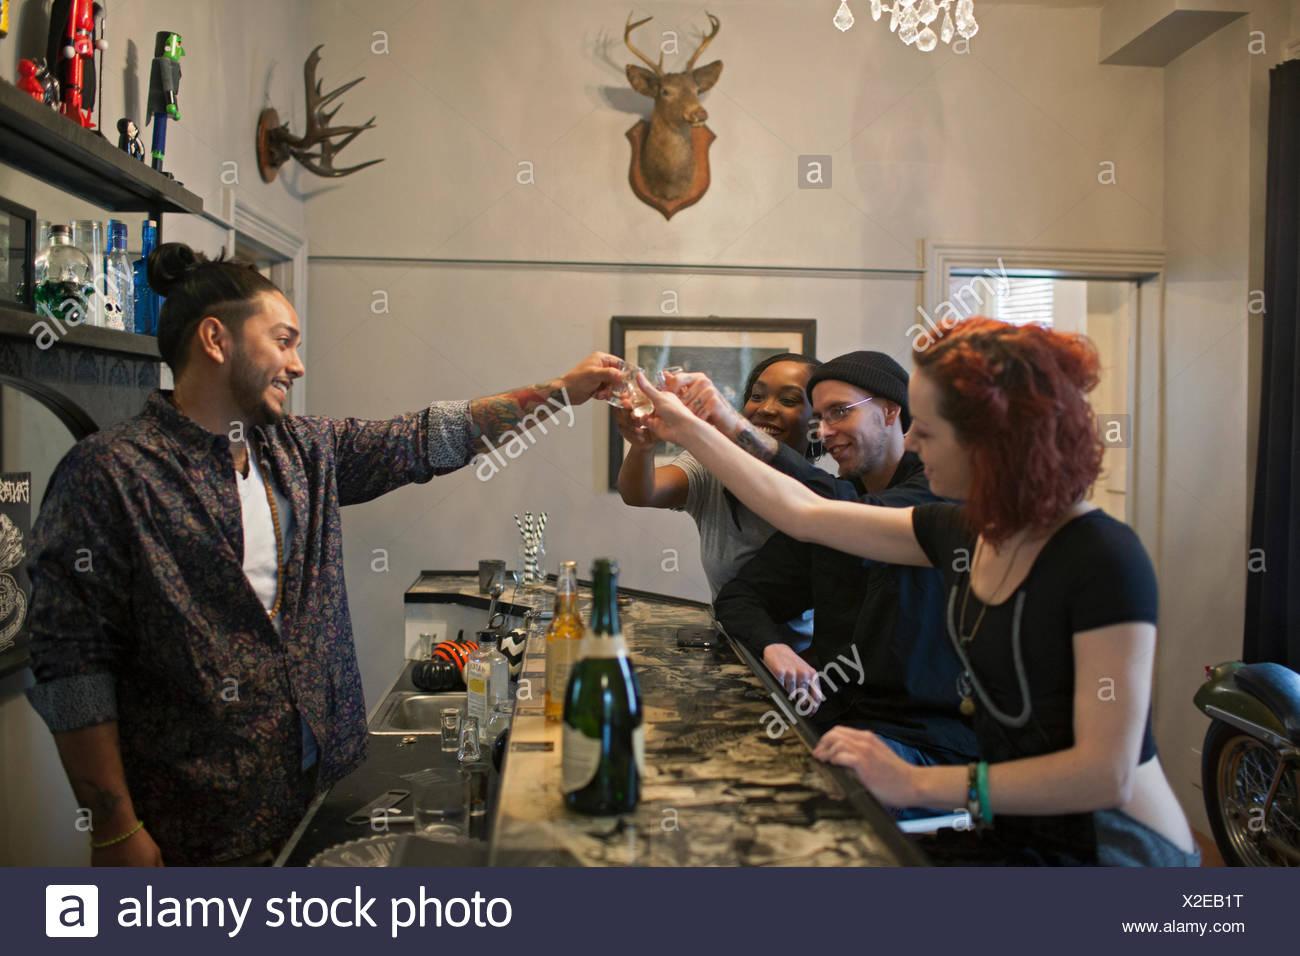 Groupe d'amis dans un bar. Photo Stock